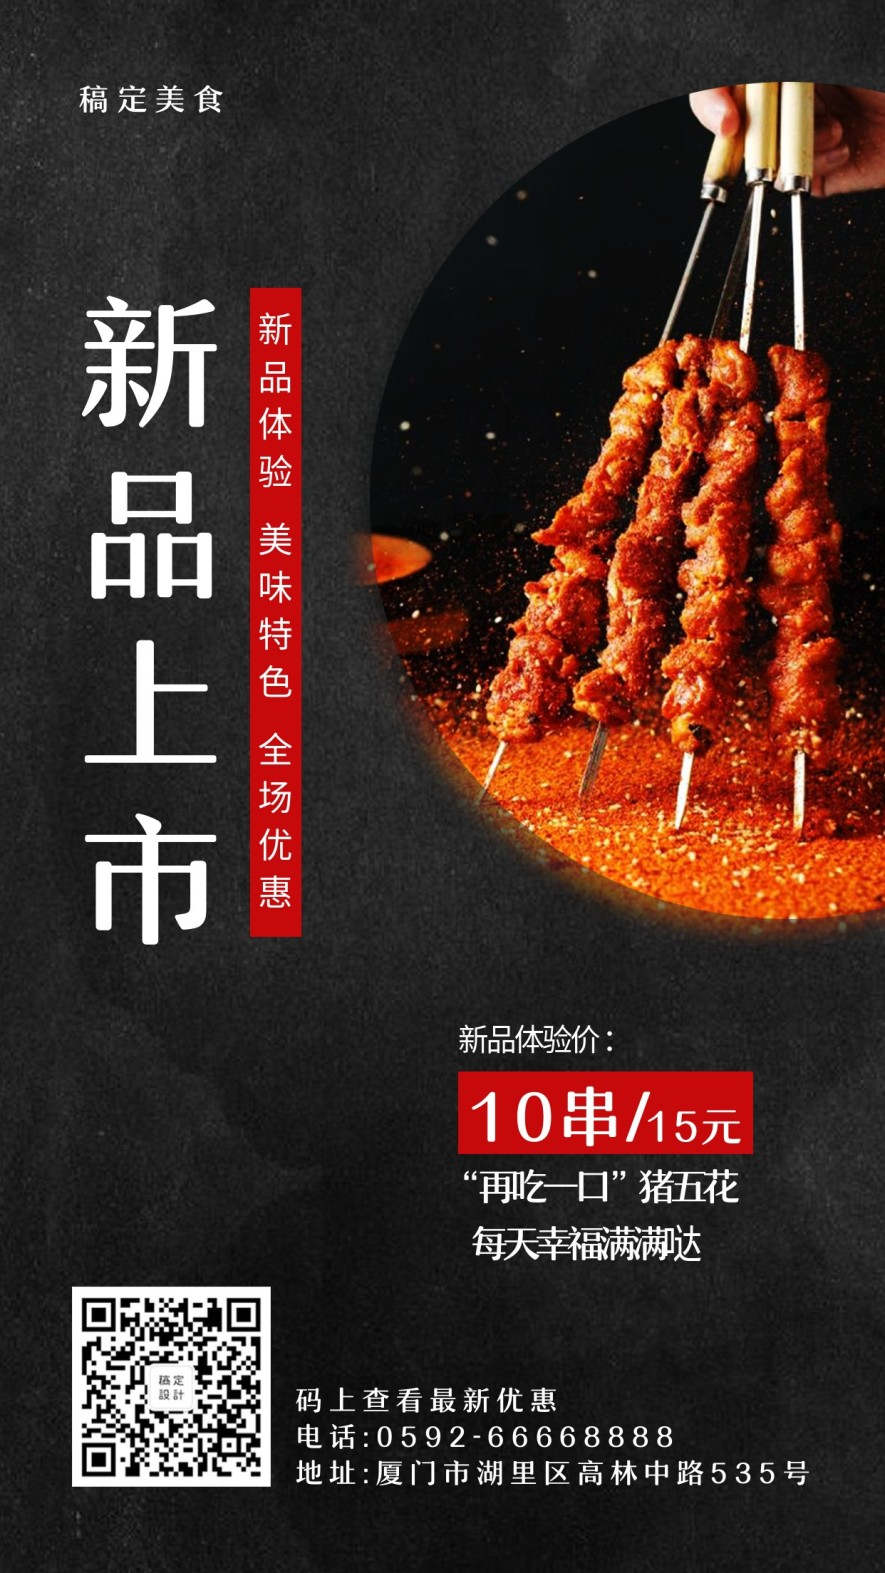 烧烤/新品上市/手机海报